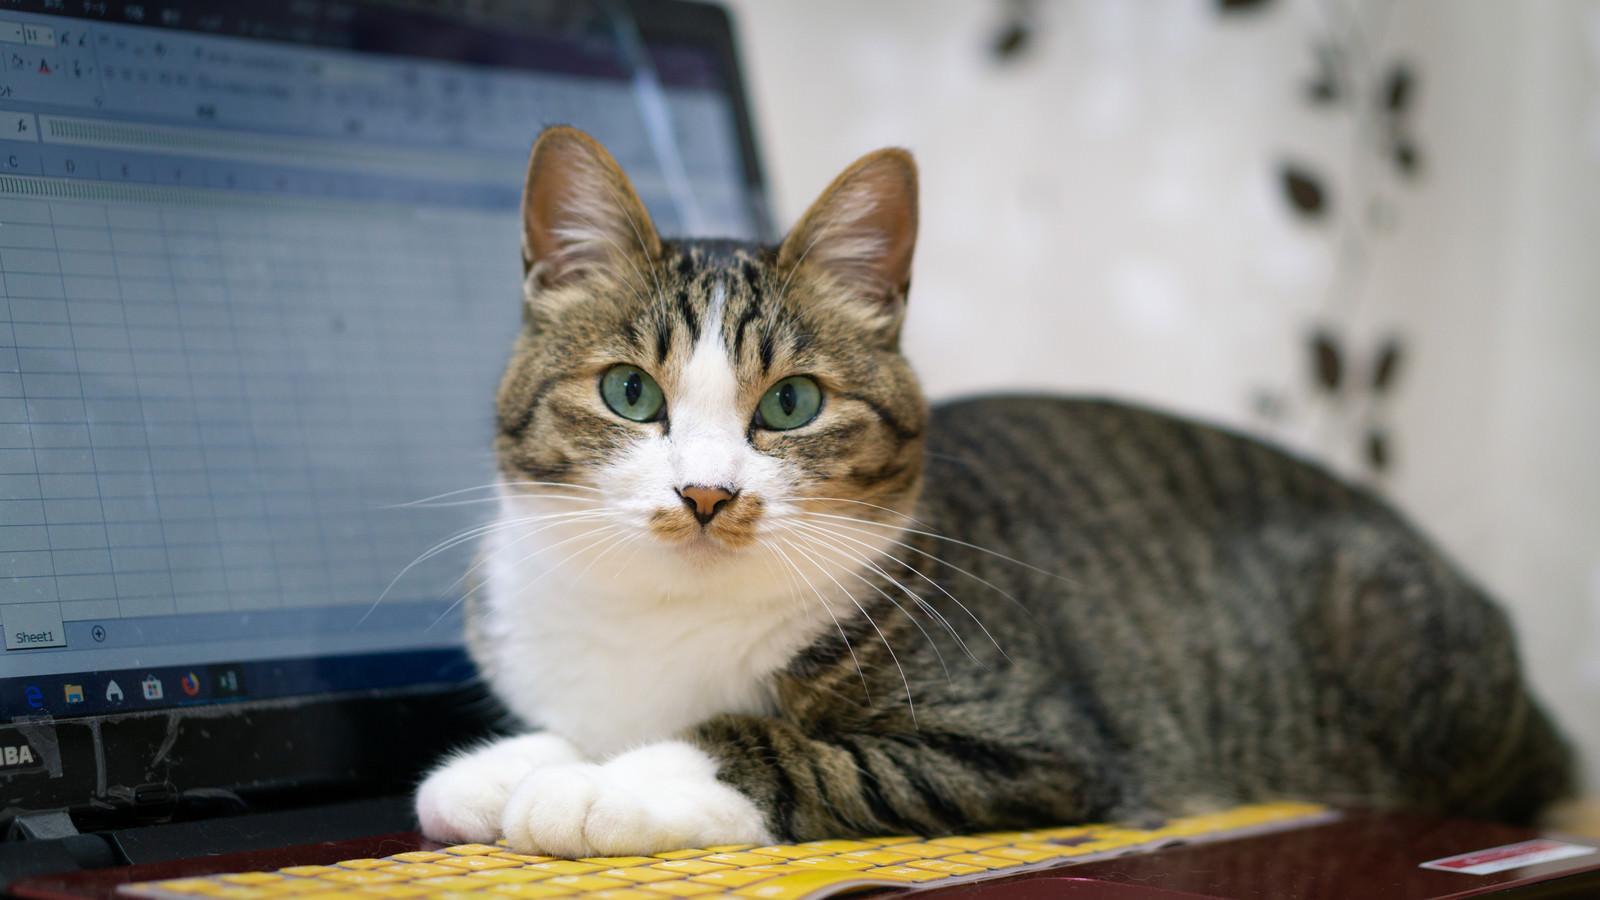 「キーボードの上におすわりする猫」の写真